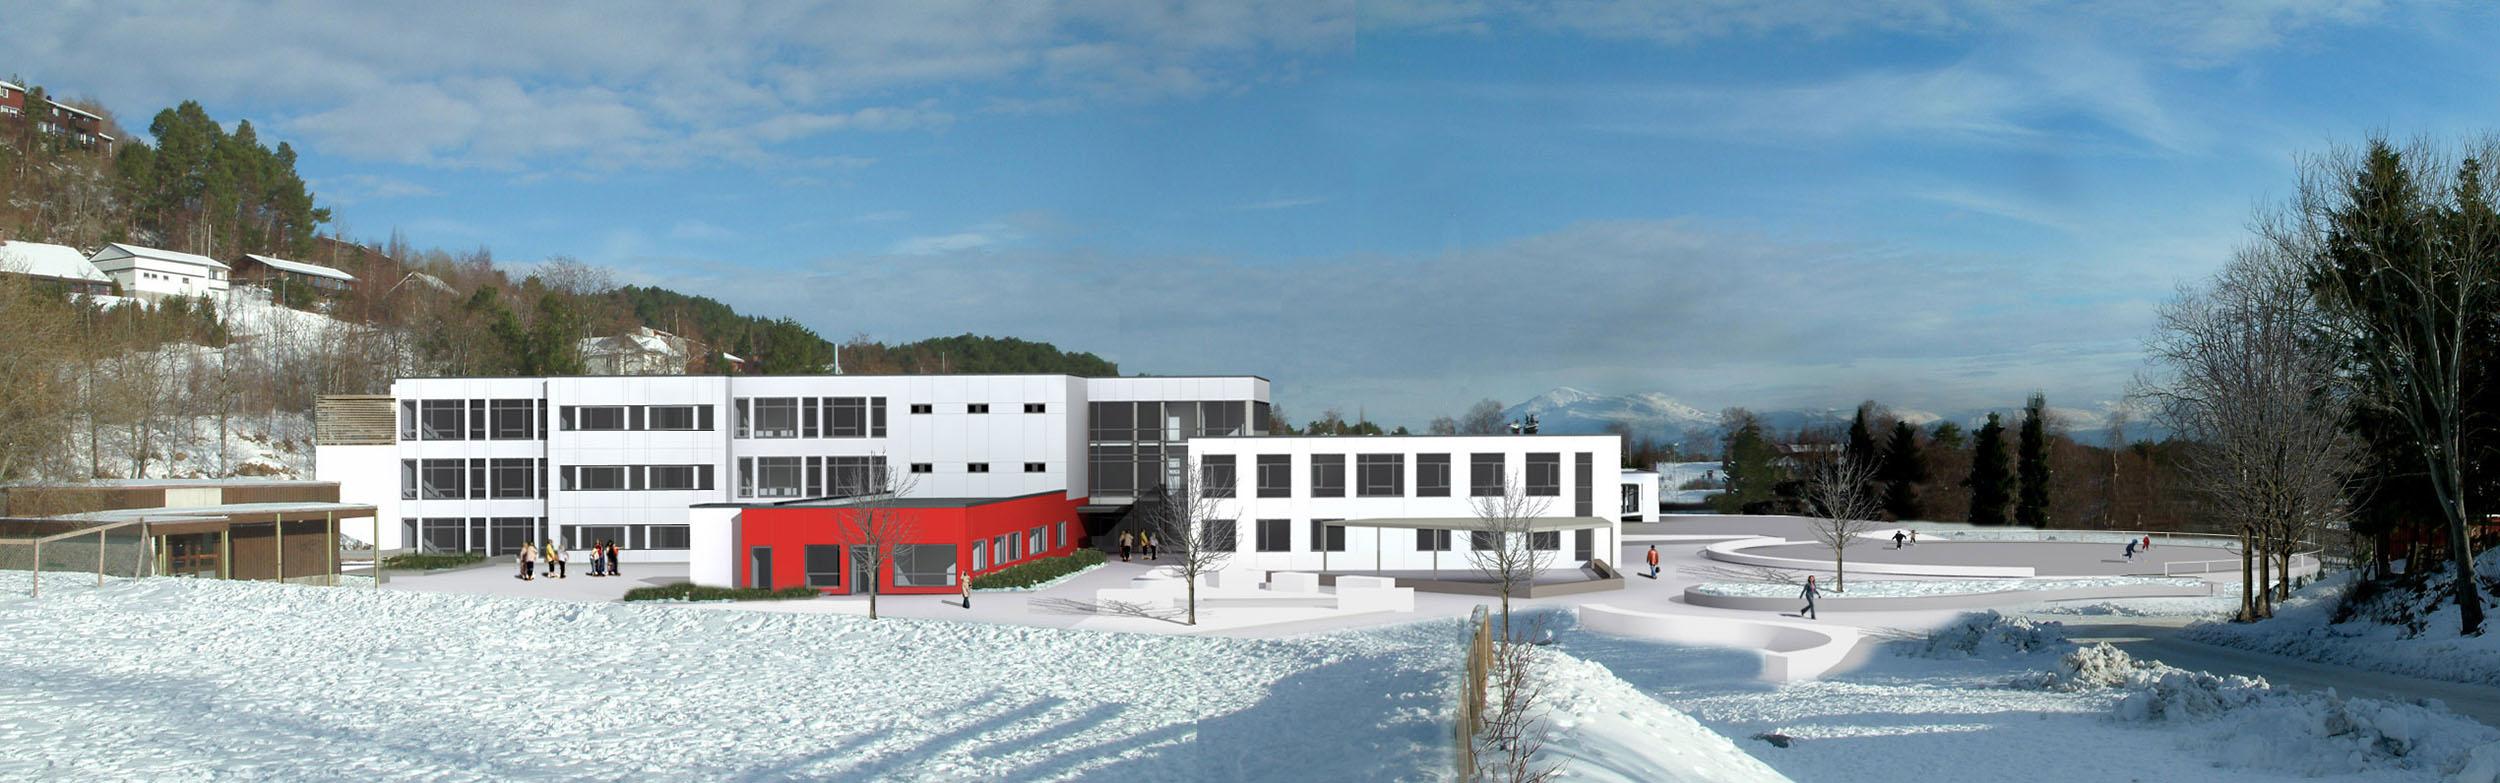 Bekkevoll ungdomsskole